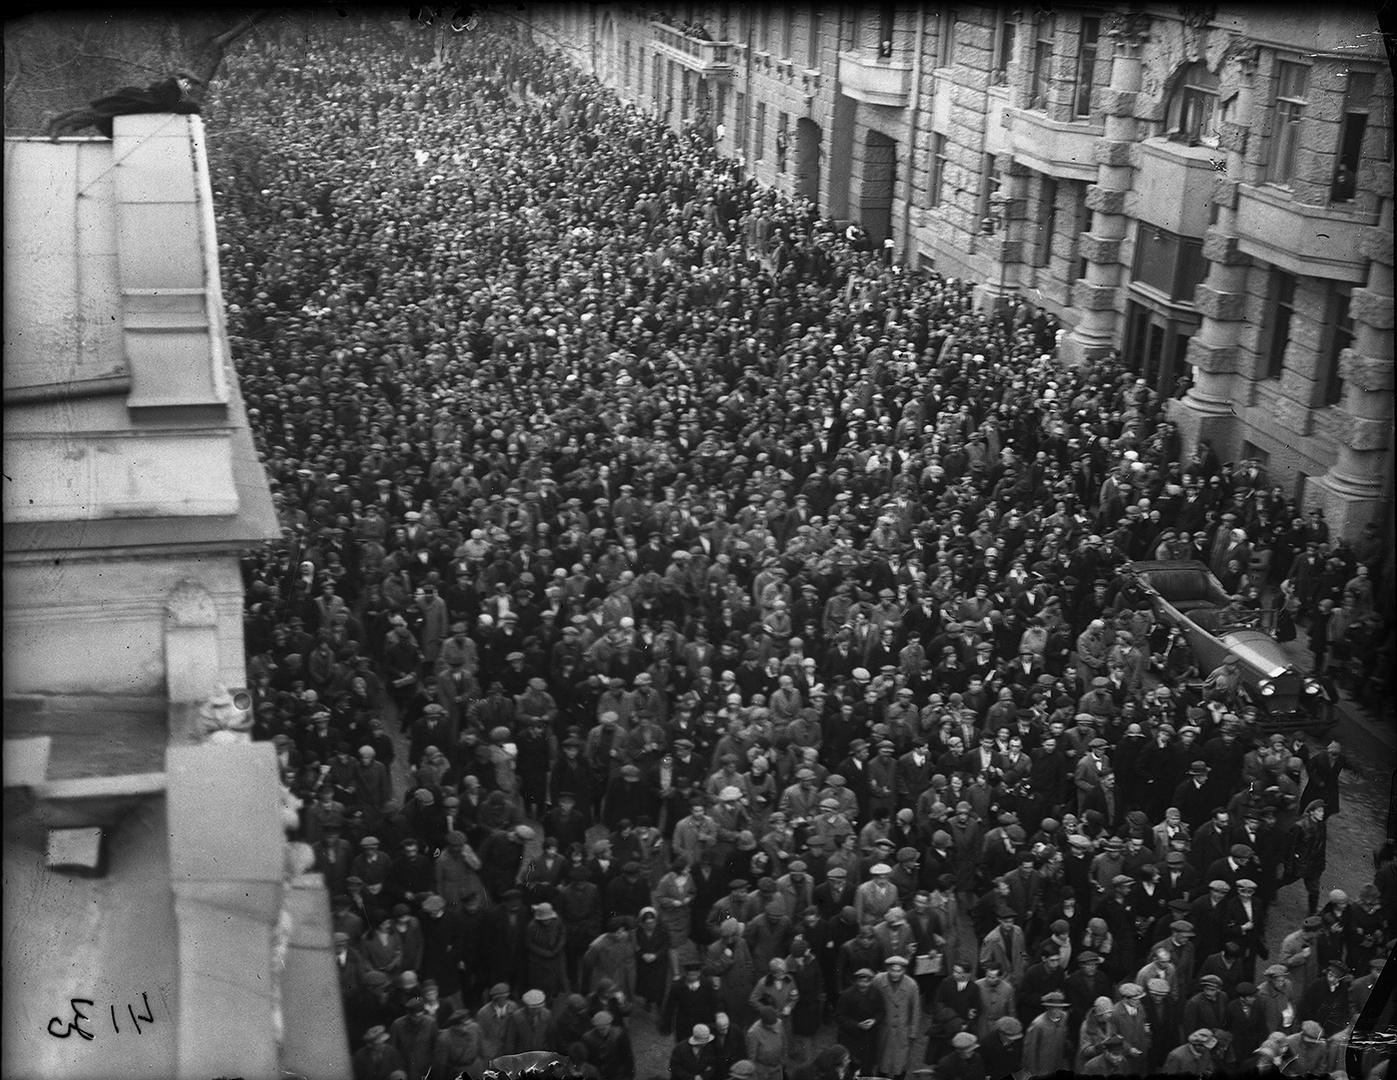 20. 1930. Похороны В.В. Маяковского. Траурная процессия. Улица Воровского